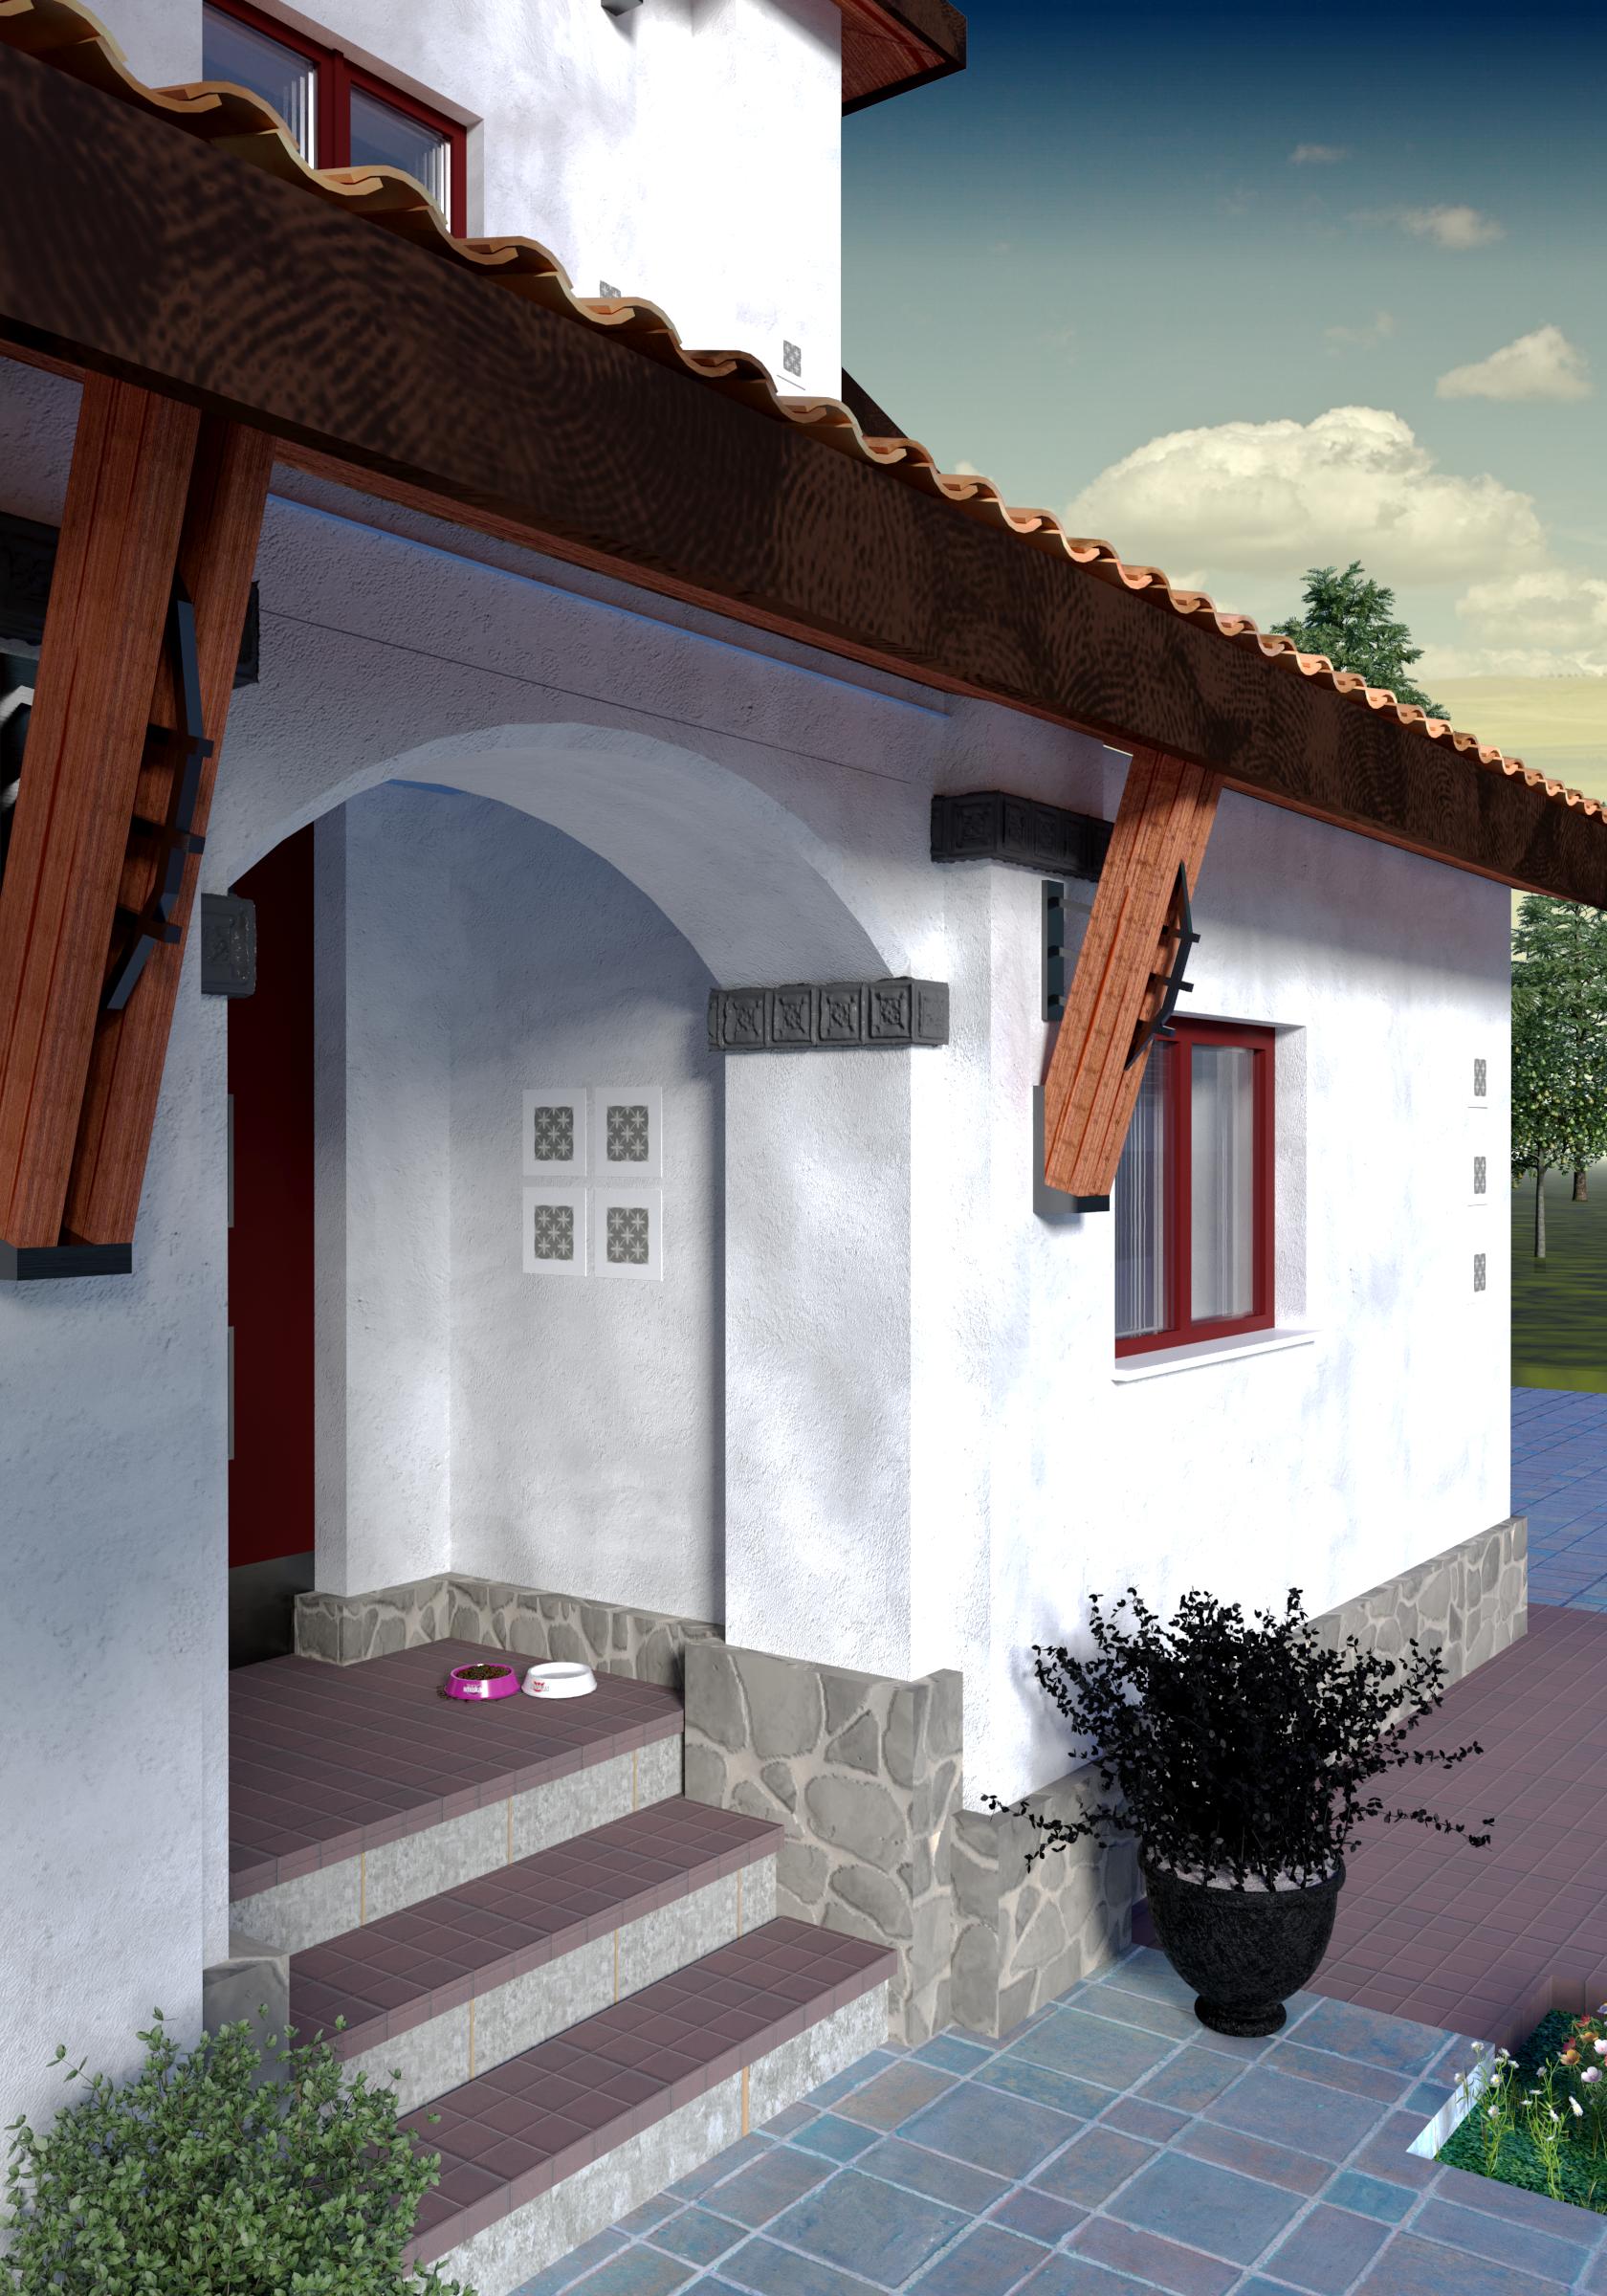 Проект будинку в Середземноморському стилі з терасами панорамними вікнами, вид 4